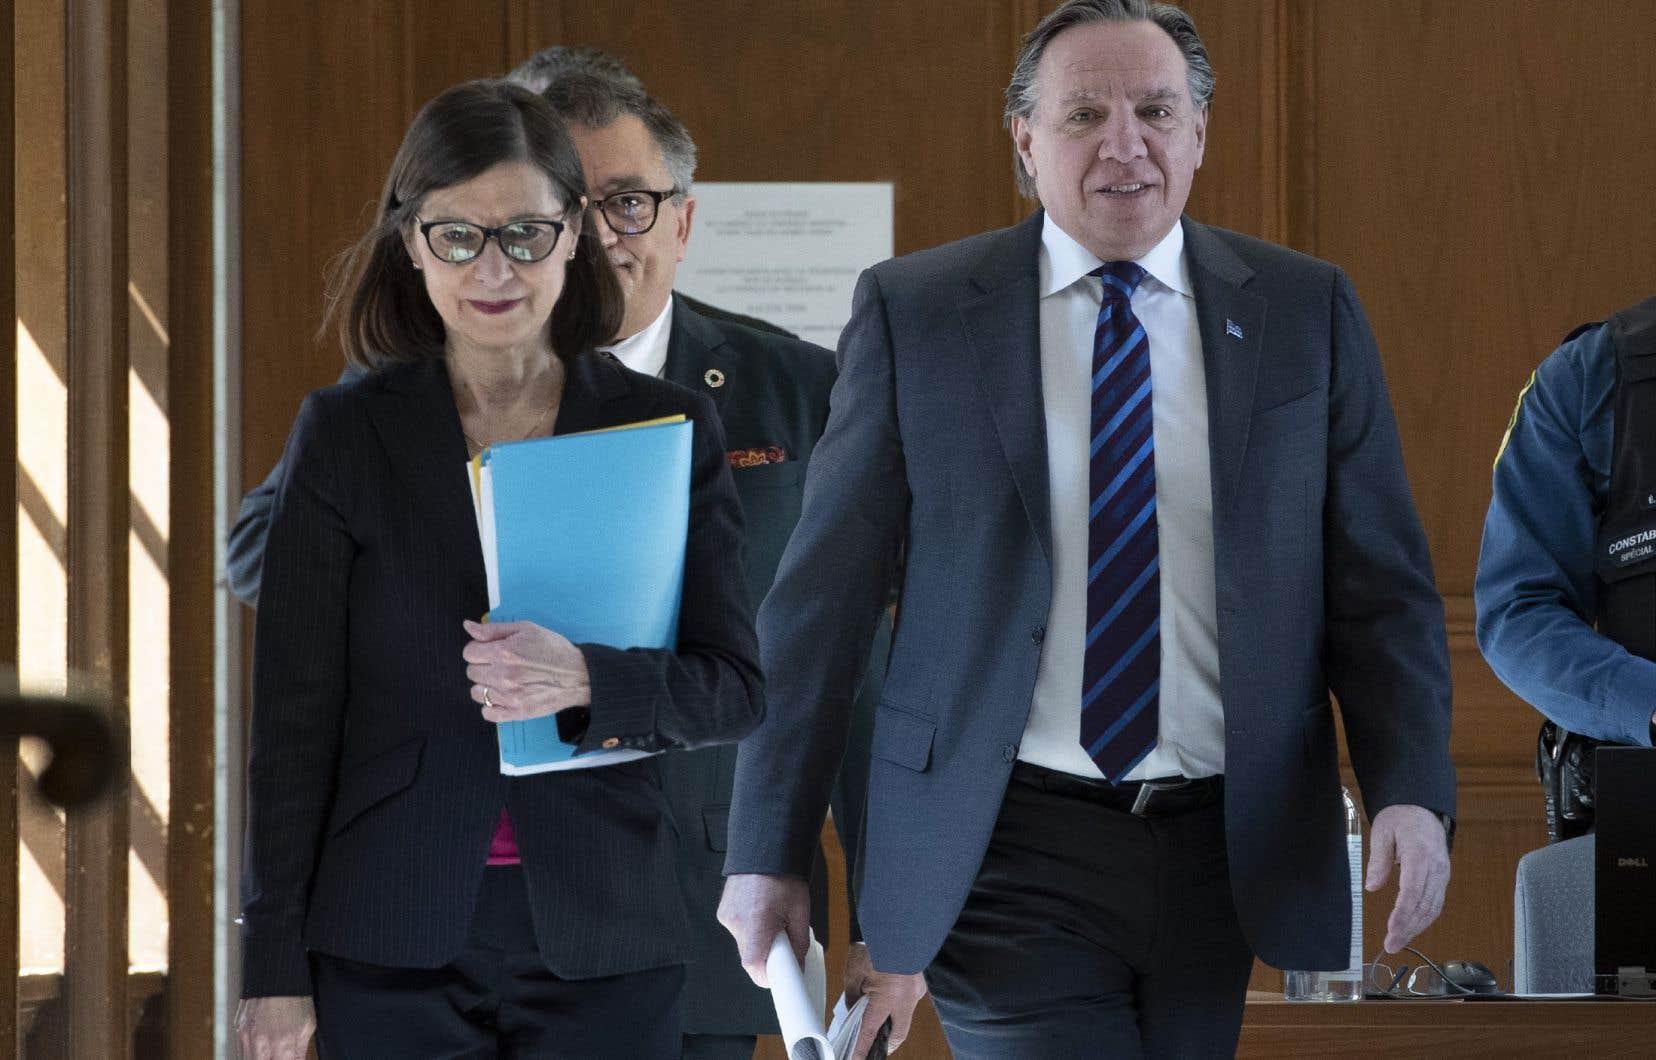 Le gouvernement prévoit débourser de mai à décembre prochain quelque 15millions de dollars, sans compter les dépenses de placement média, pour l'agence de communication qui sera sélectionnée au terme du processus d'octroi de contrat.